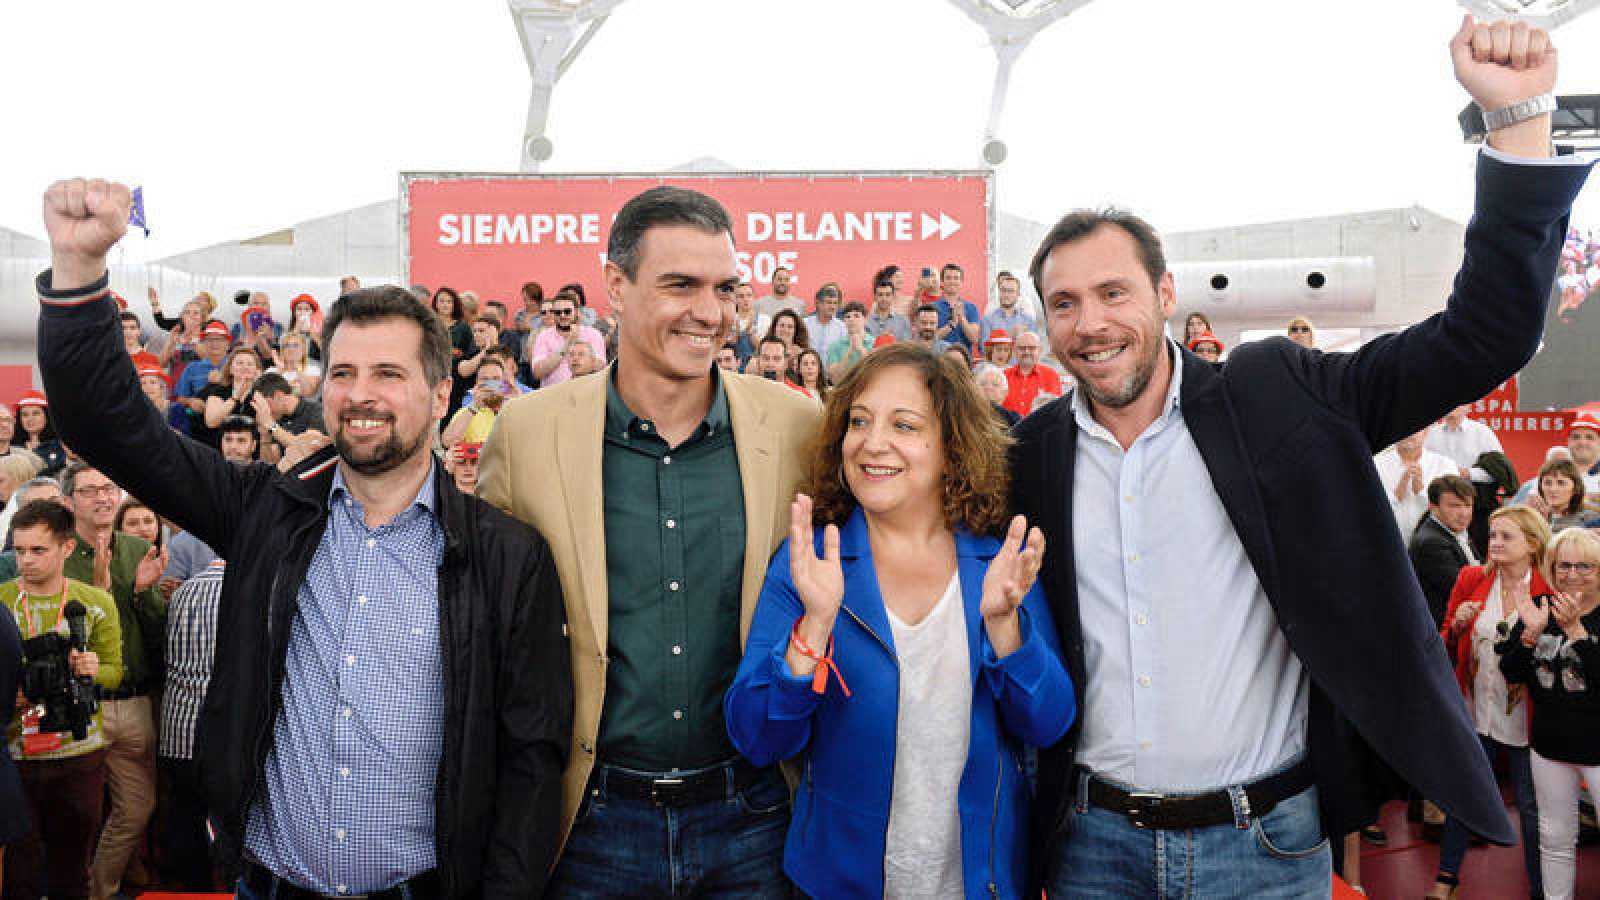 Acto electoral del PSOE en Valladolid